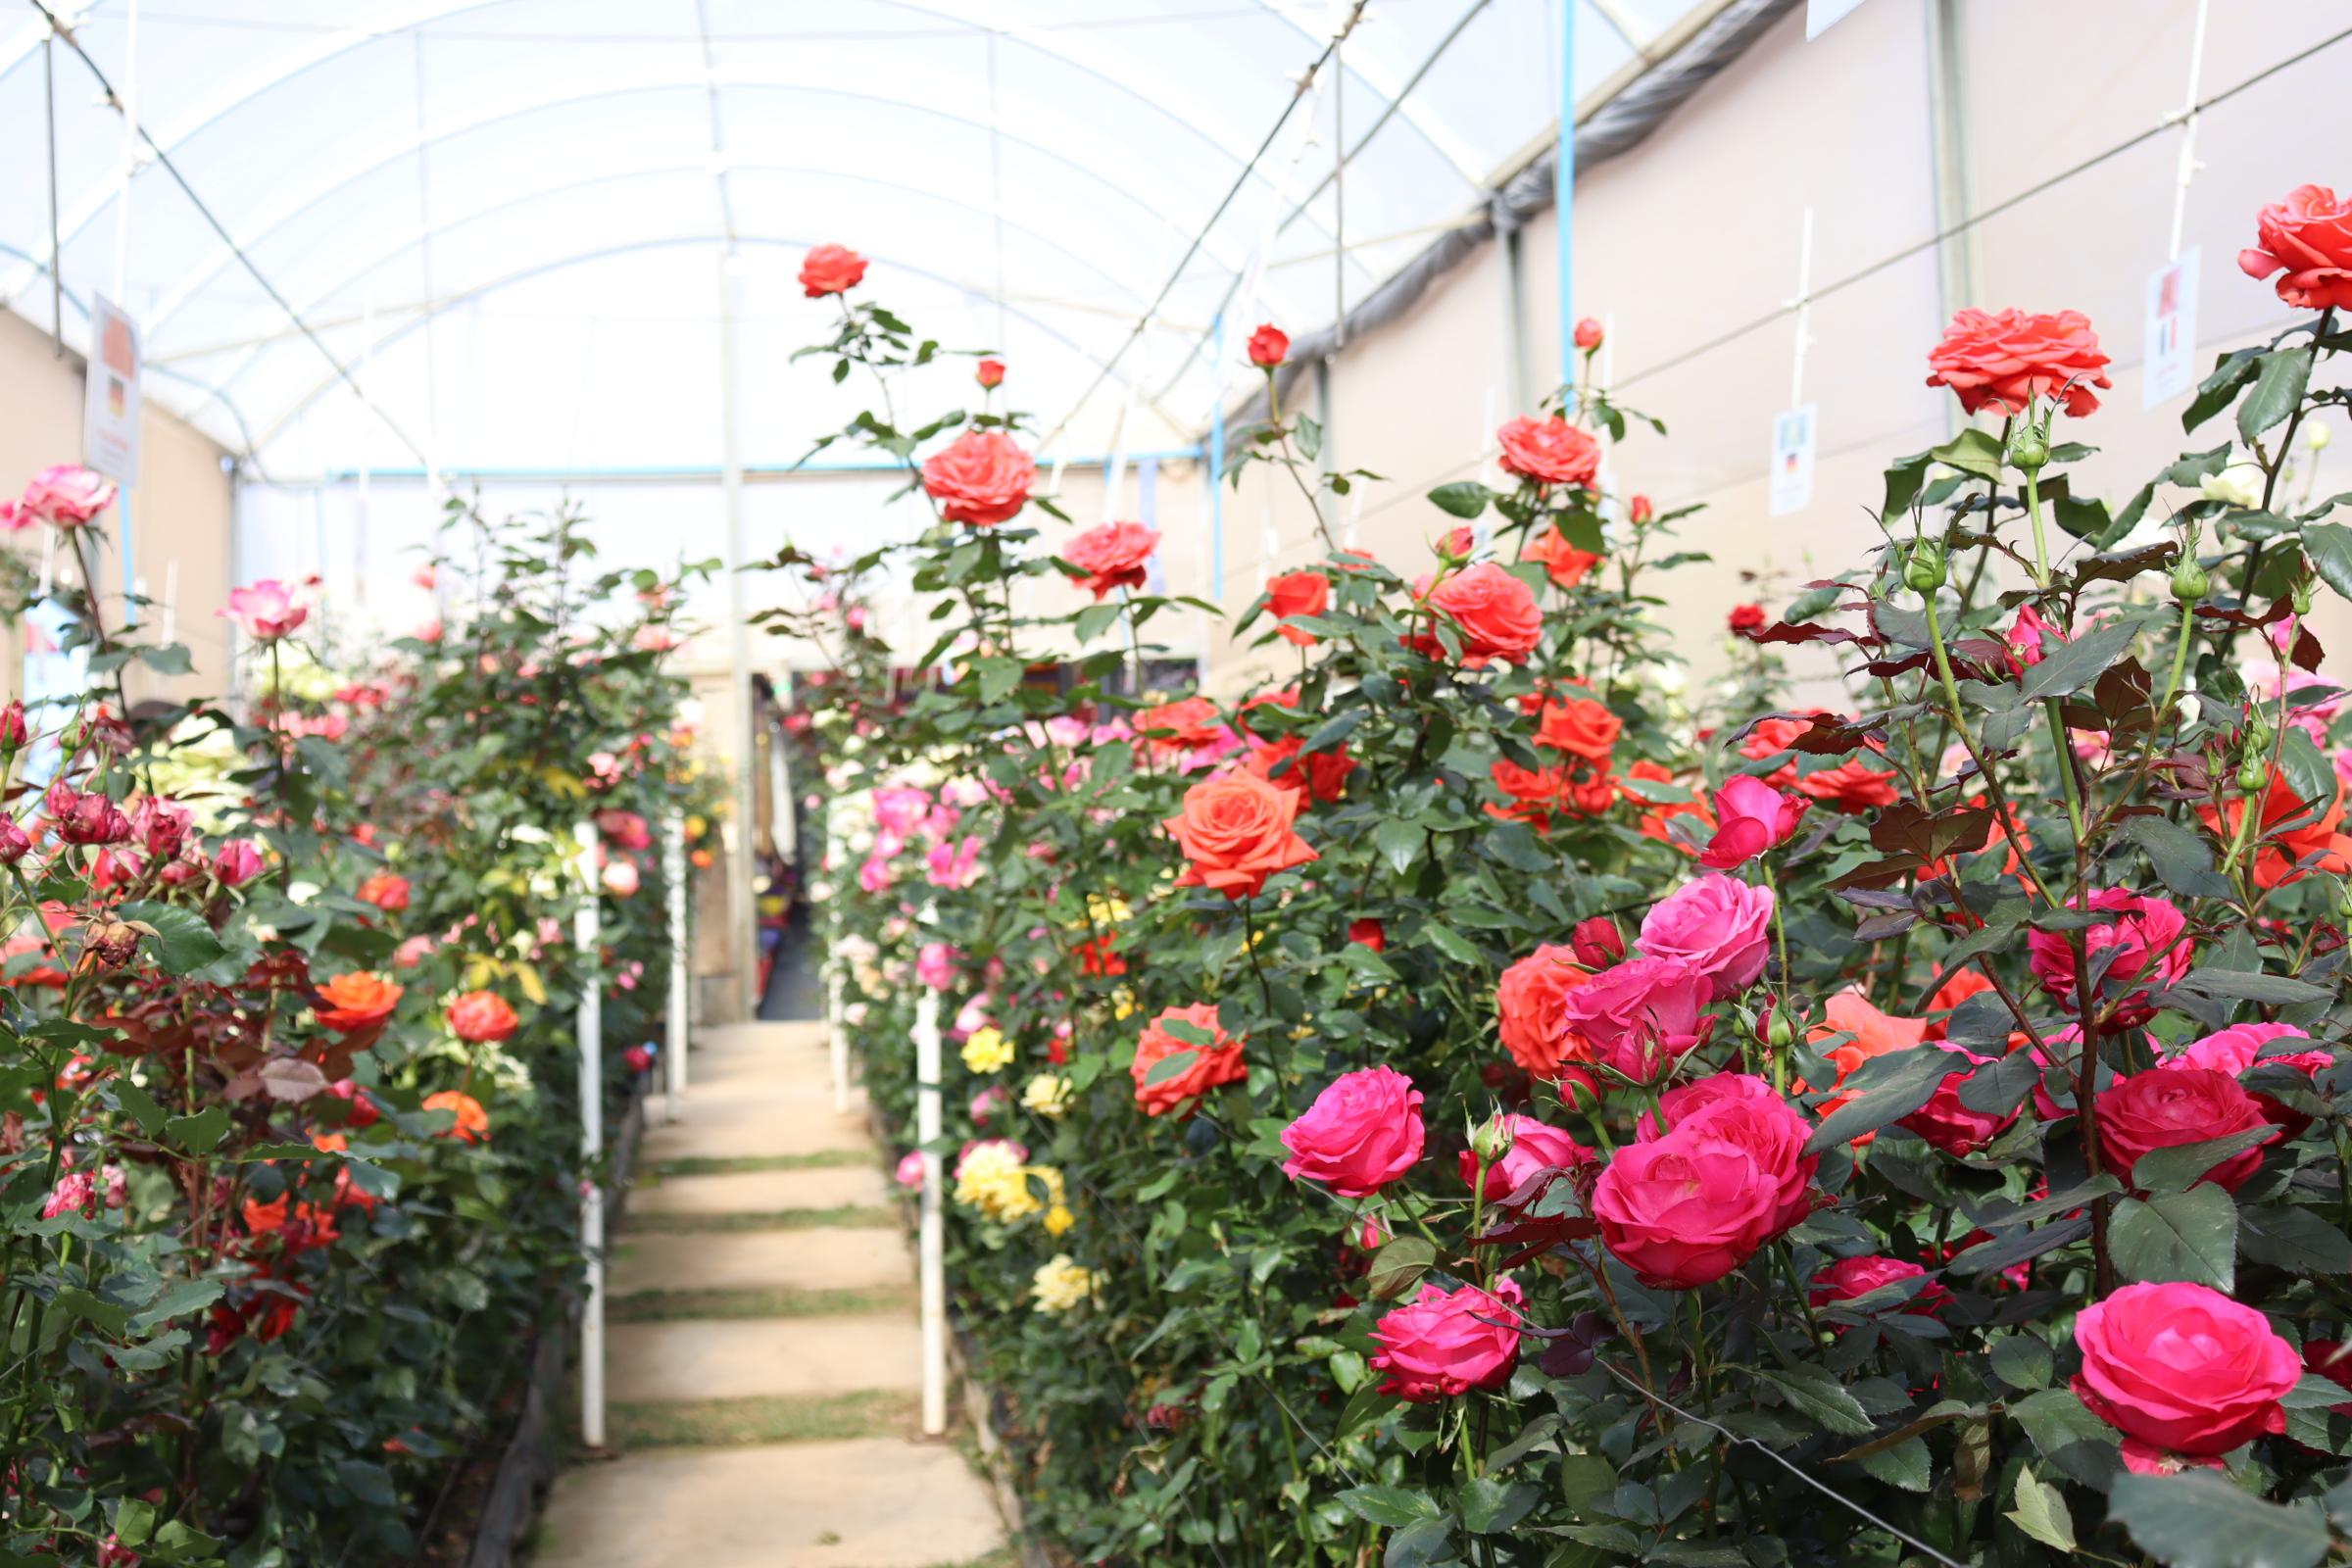 Parque temático de flores é inaugurado em Serra Negra